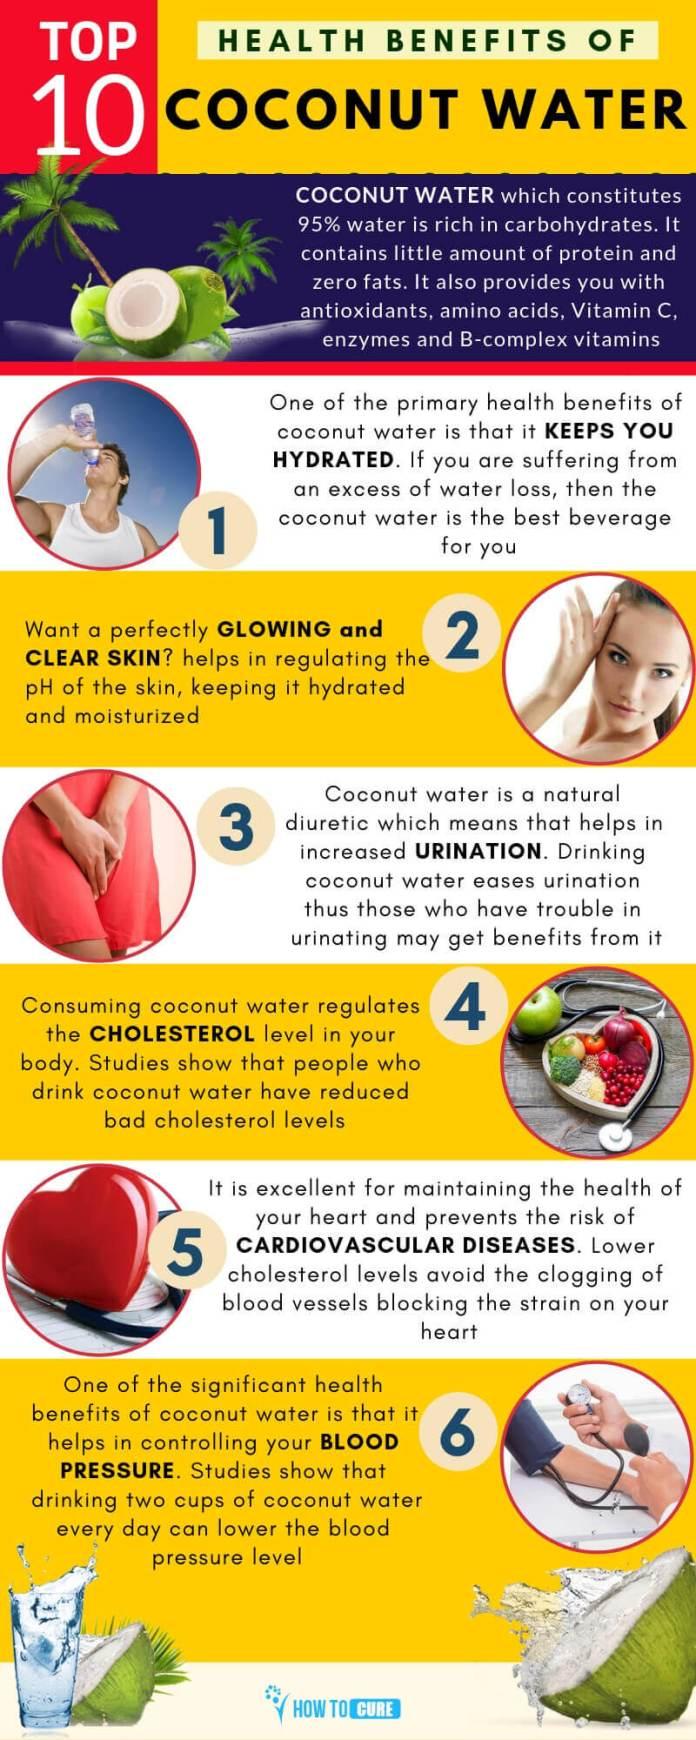 top 10 health benefits of coconut water